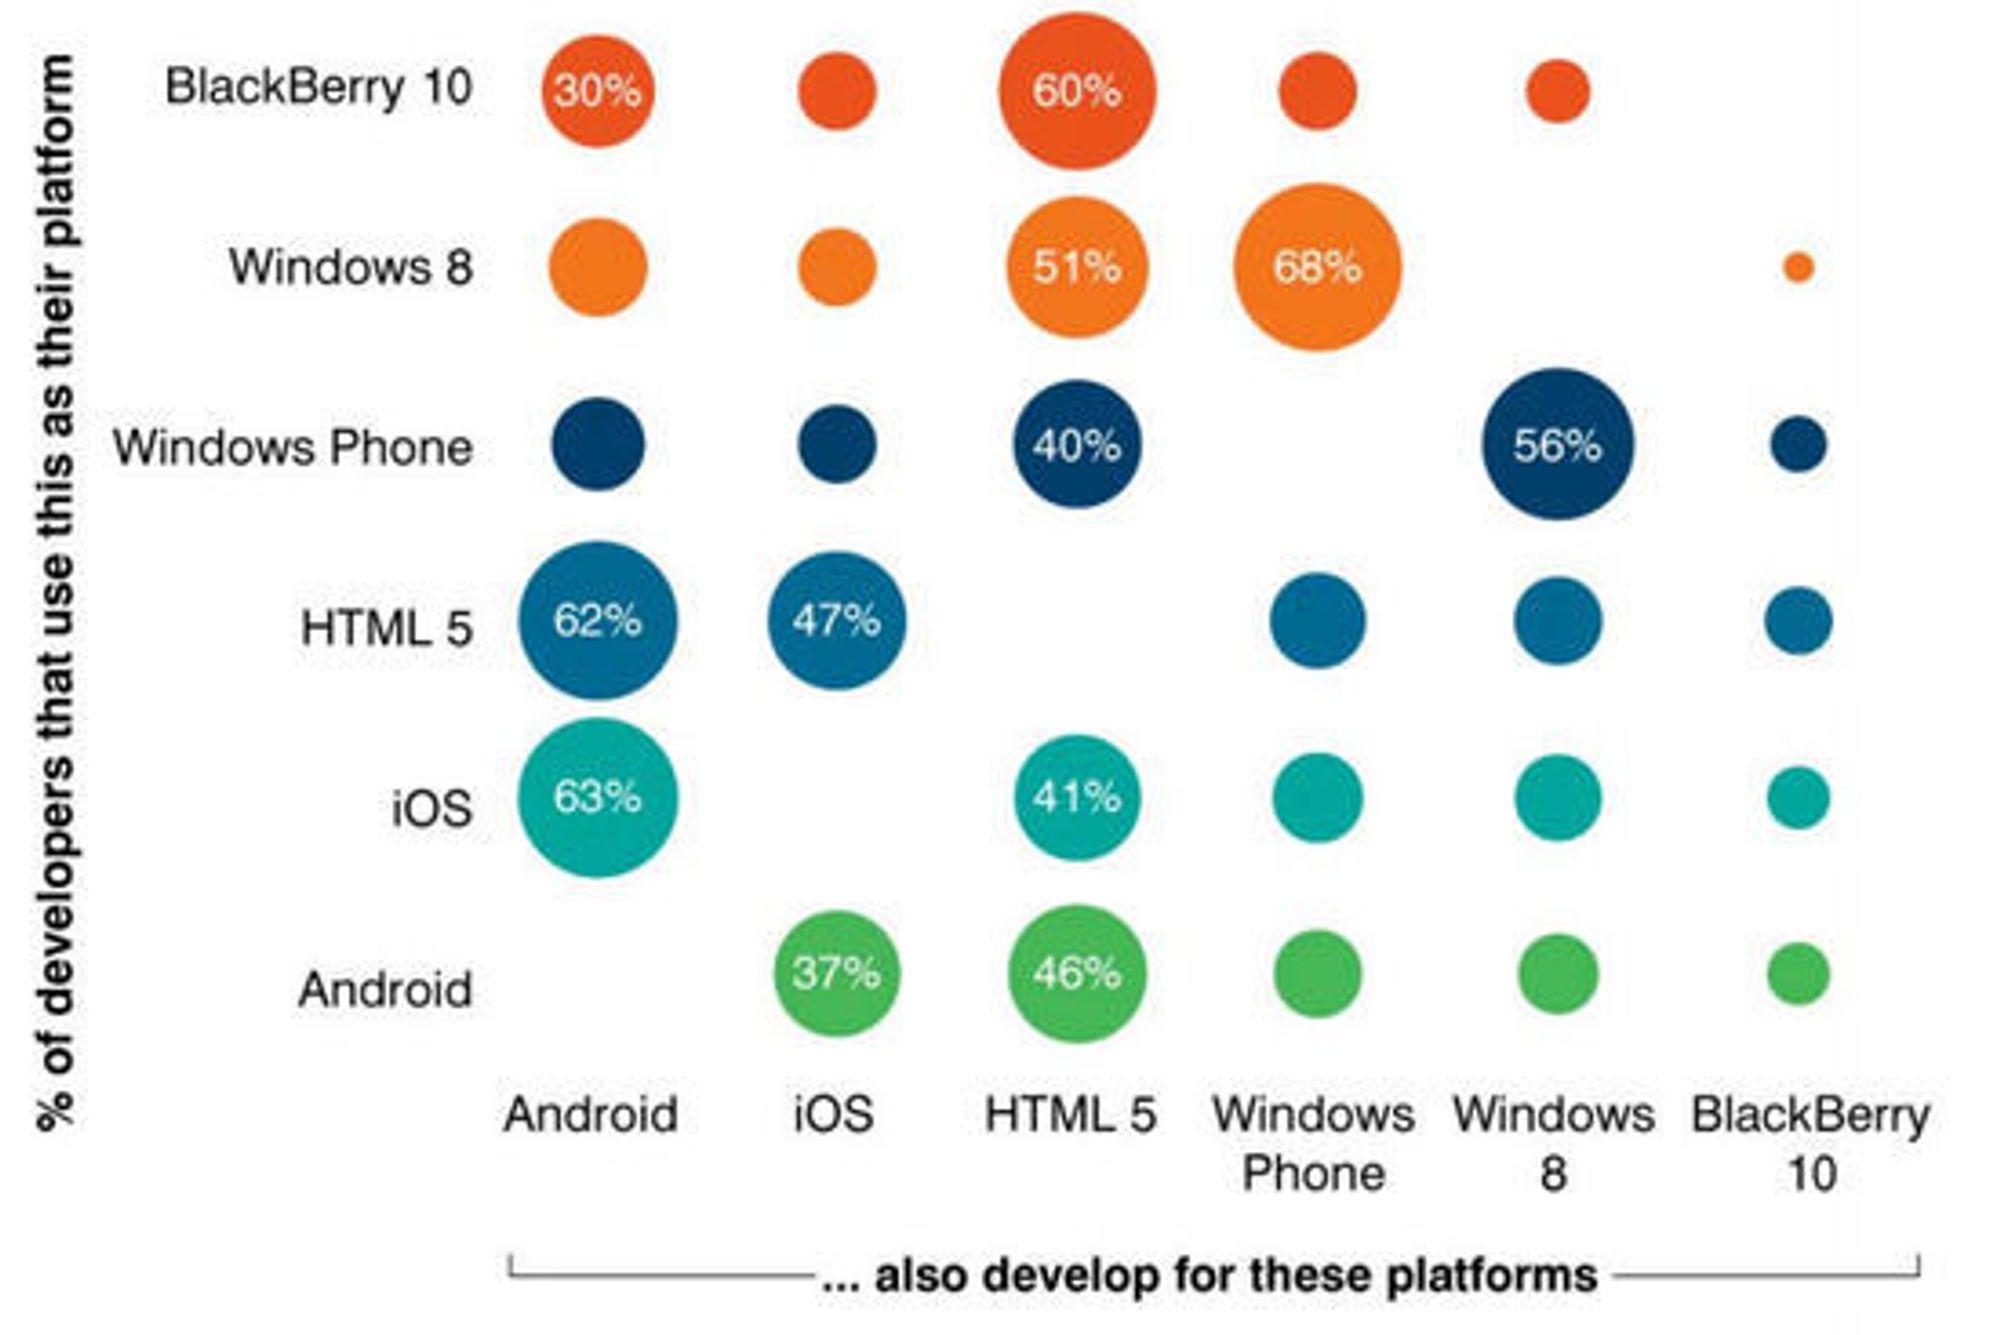 Diagrammet viser hvordan utviklere kombinerer de ulike plattformene, avhengig av hvilken plattform de foretrekker.